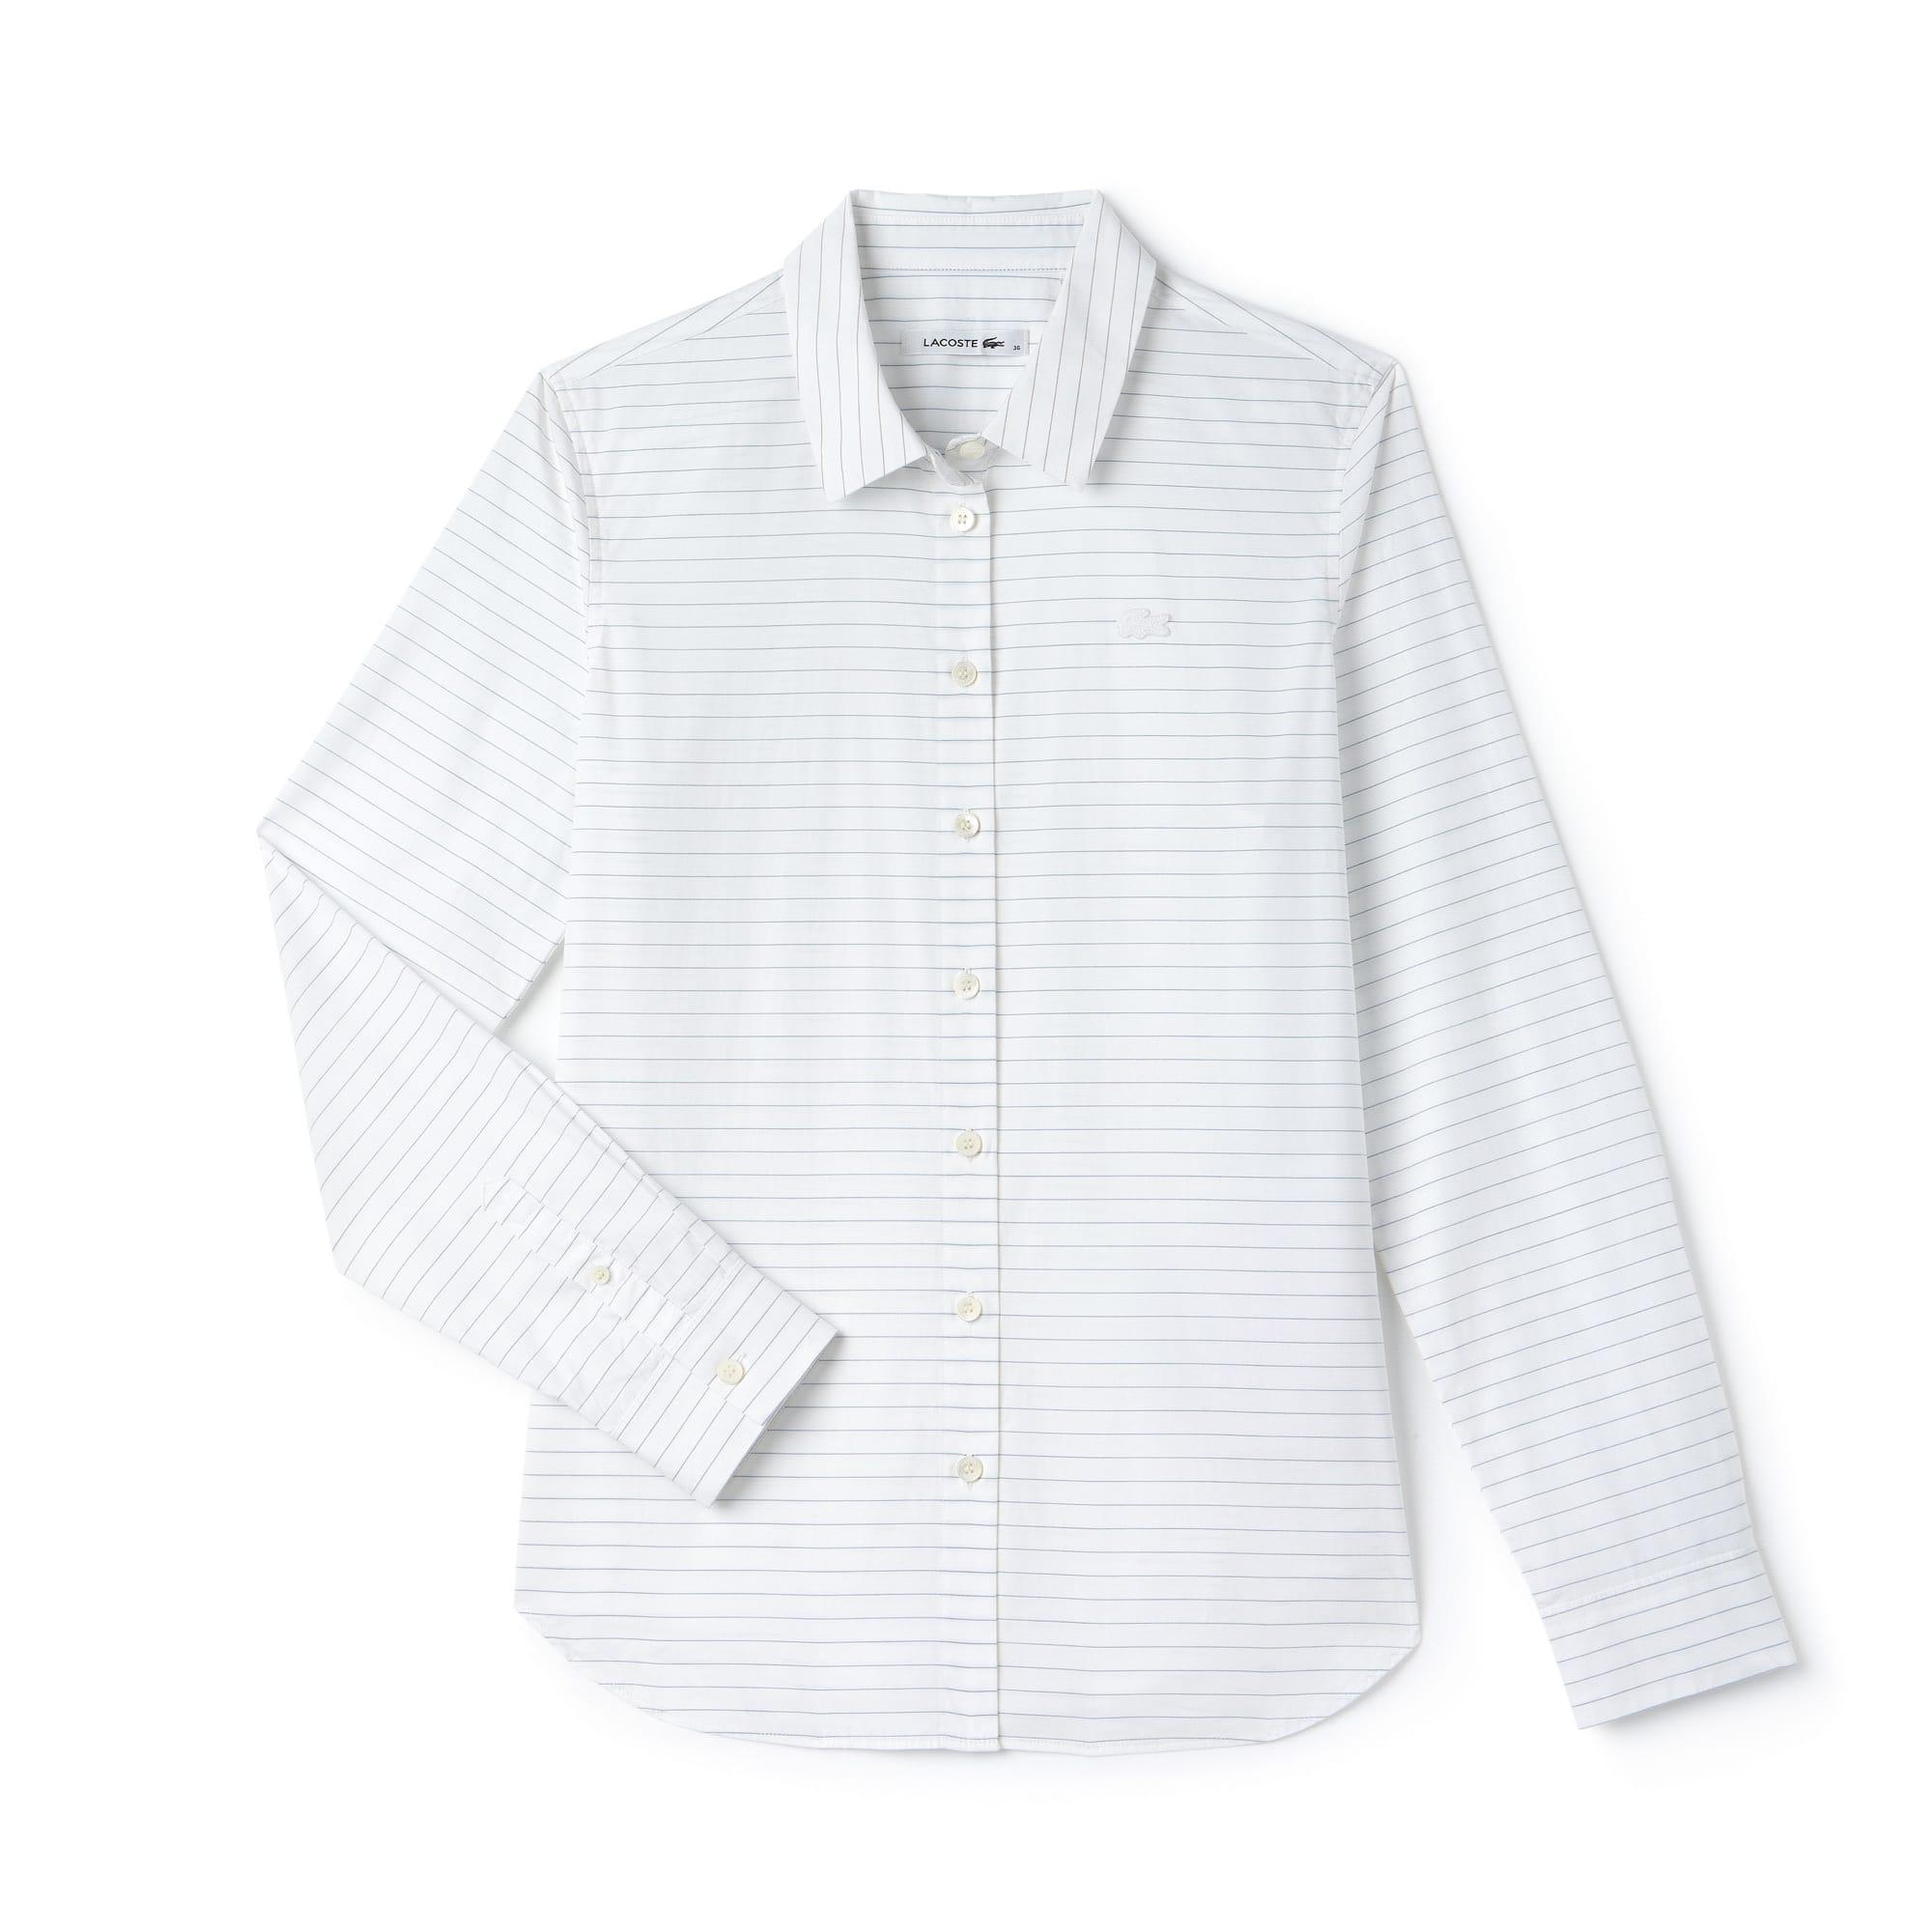 Women's Regular Fit Striped Cotton Poplin Shirt